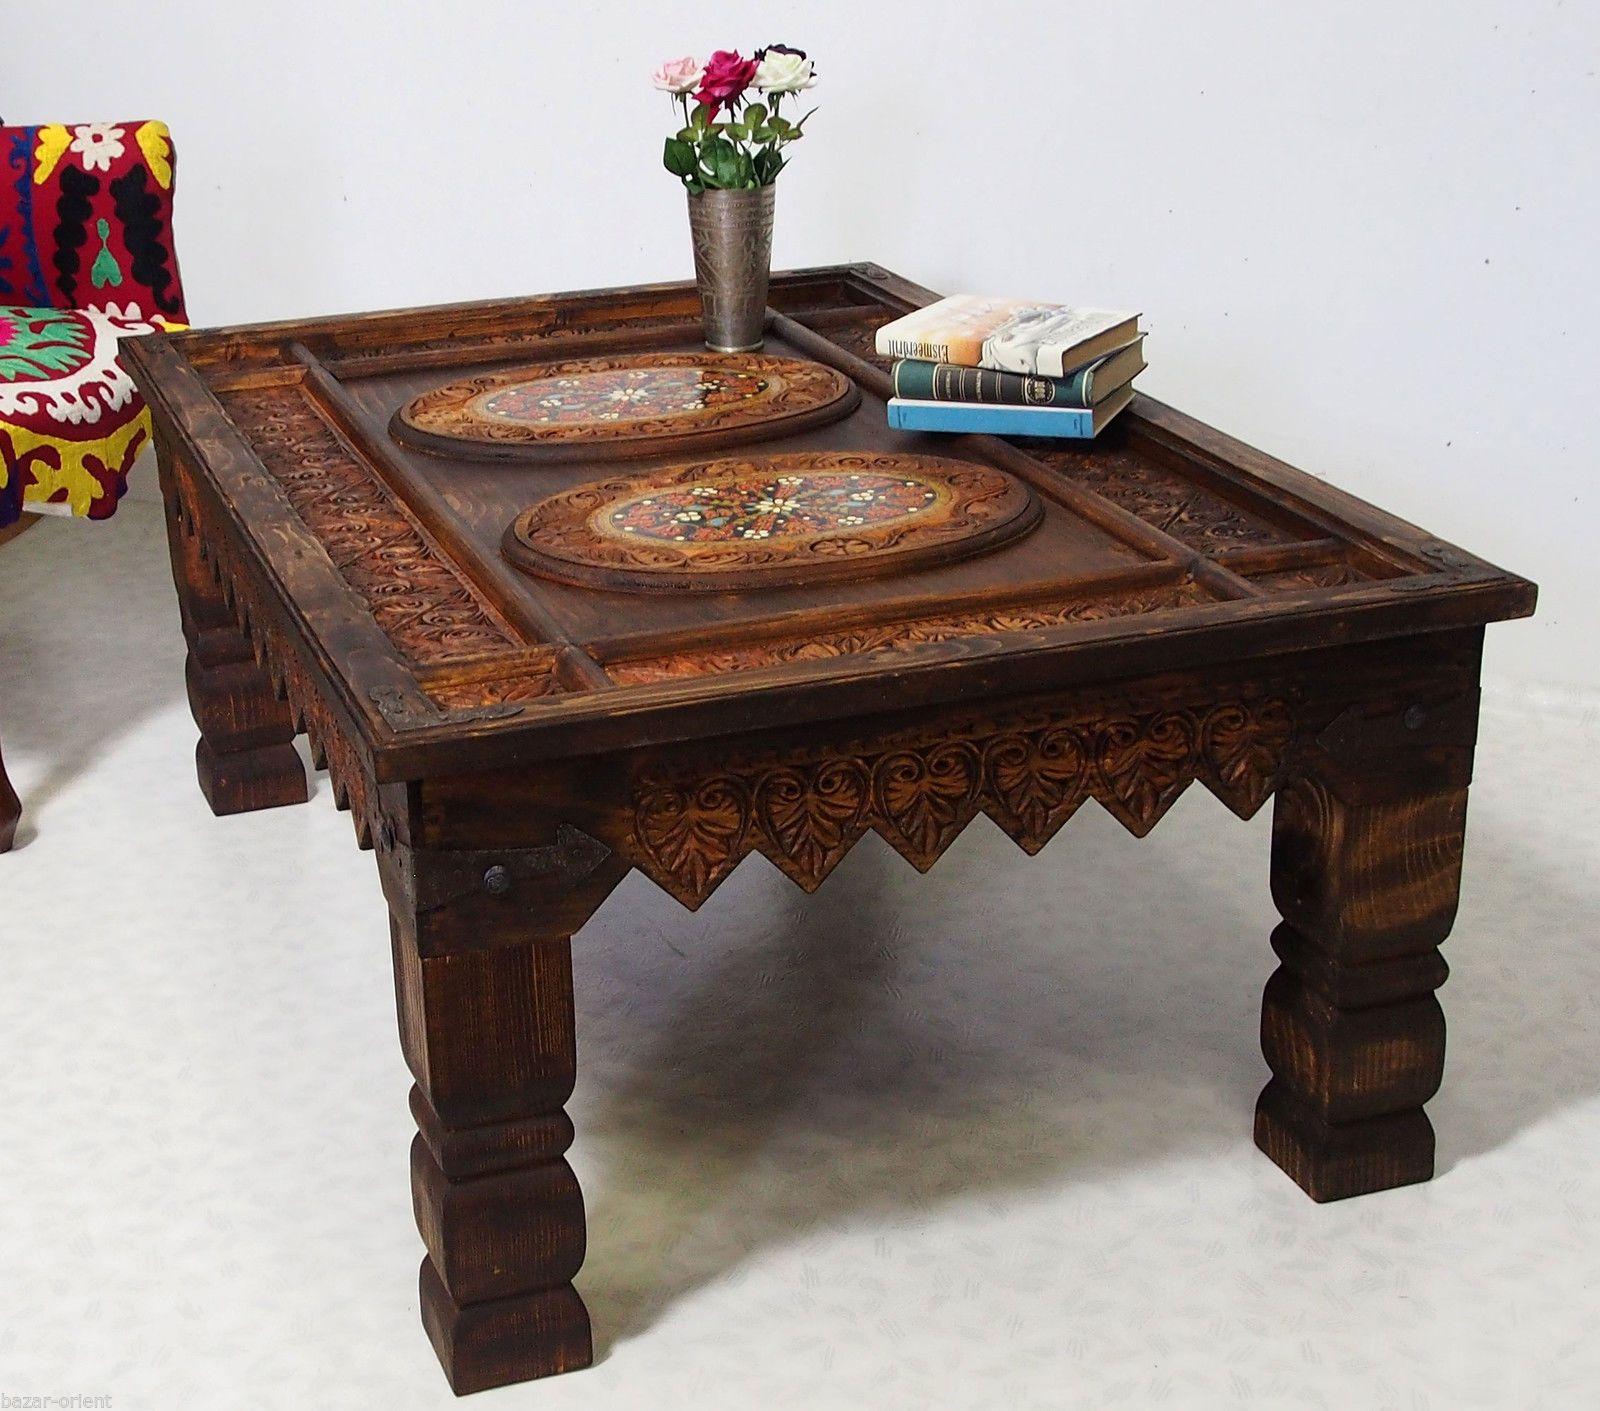 130x87cm Antik Kolonial Wohnzimmertisch Tischtruhe Tisch Couchtisch Schubladen C